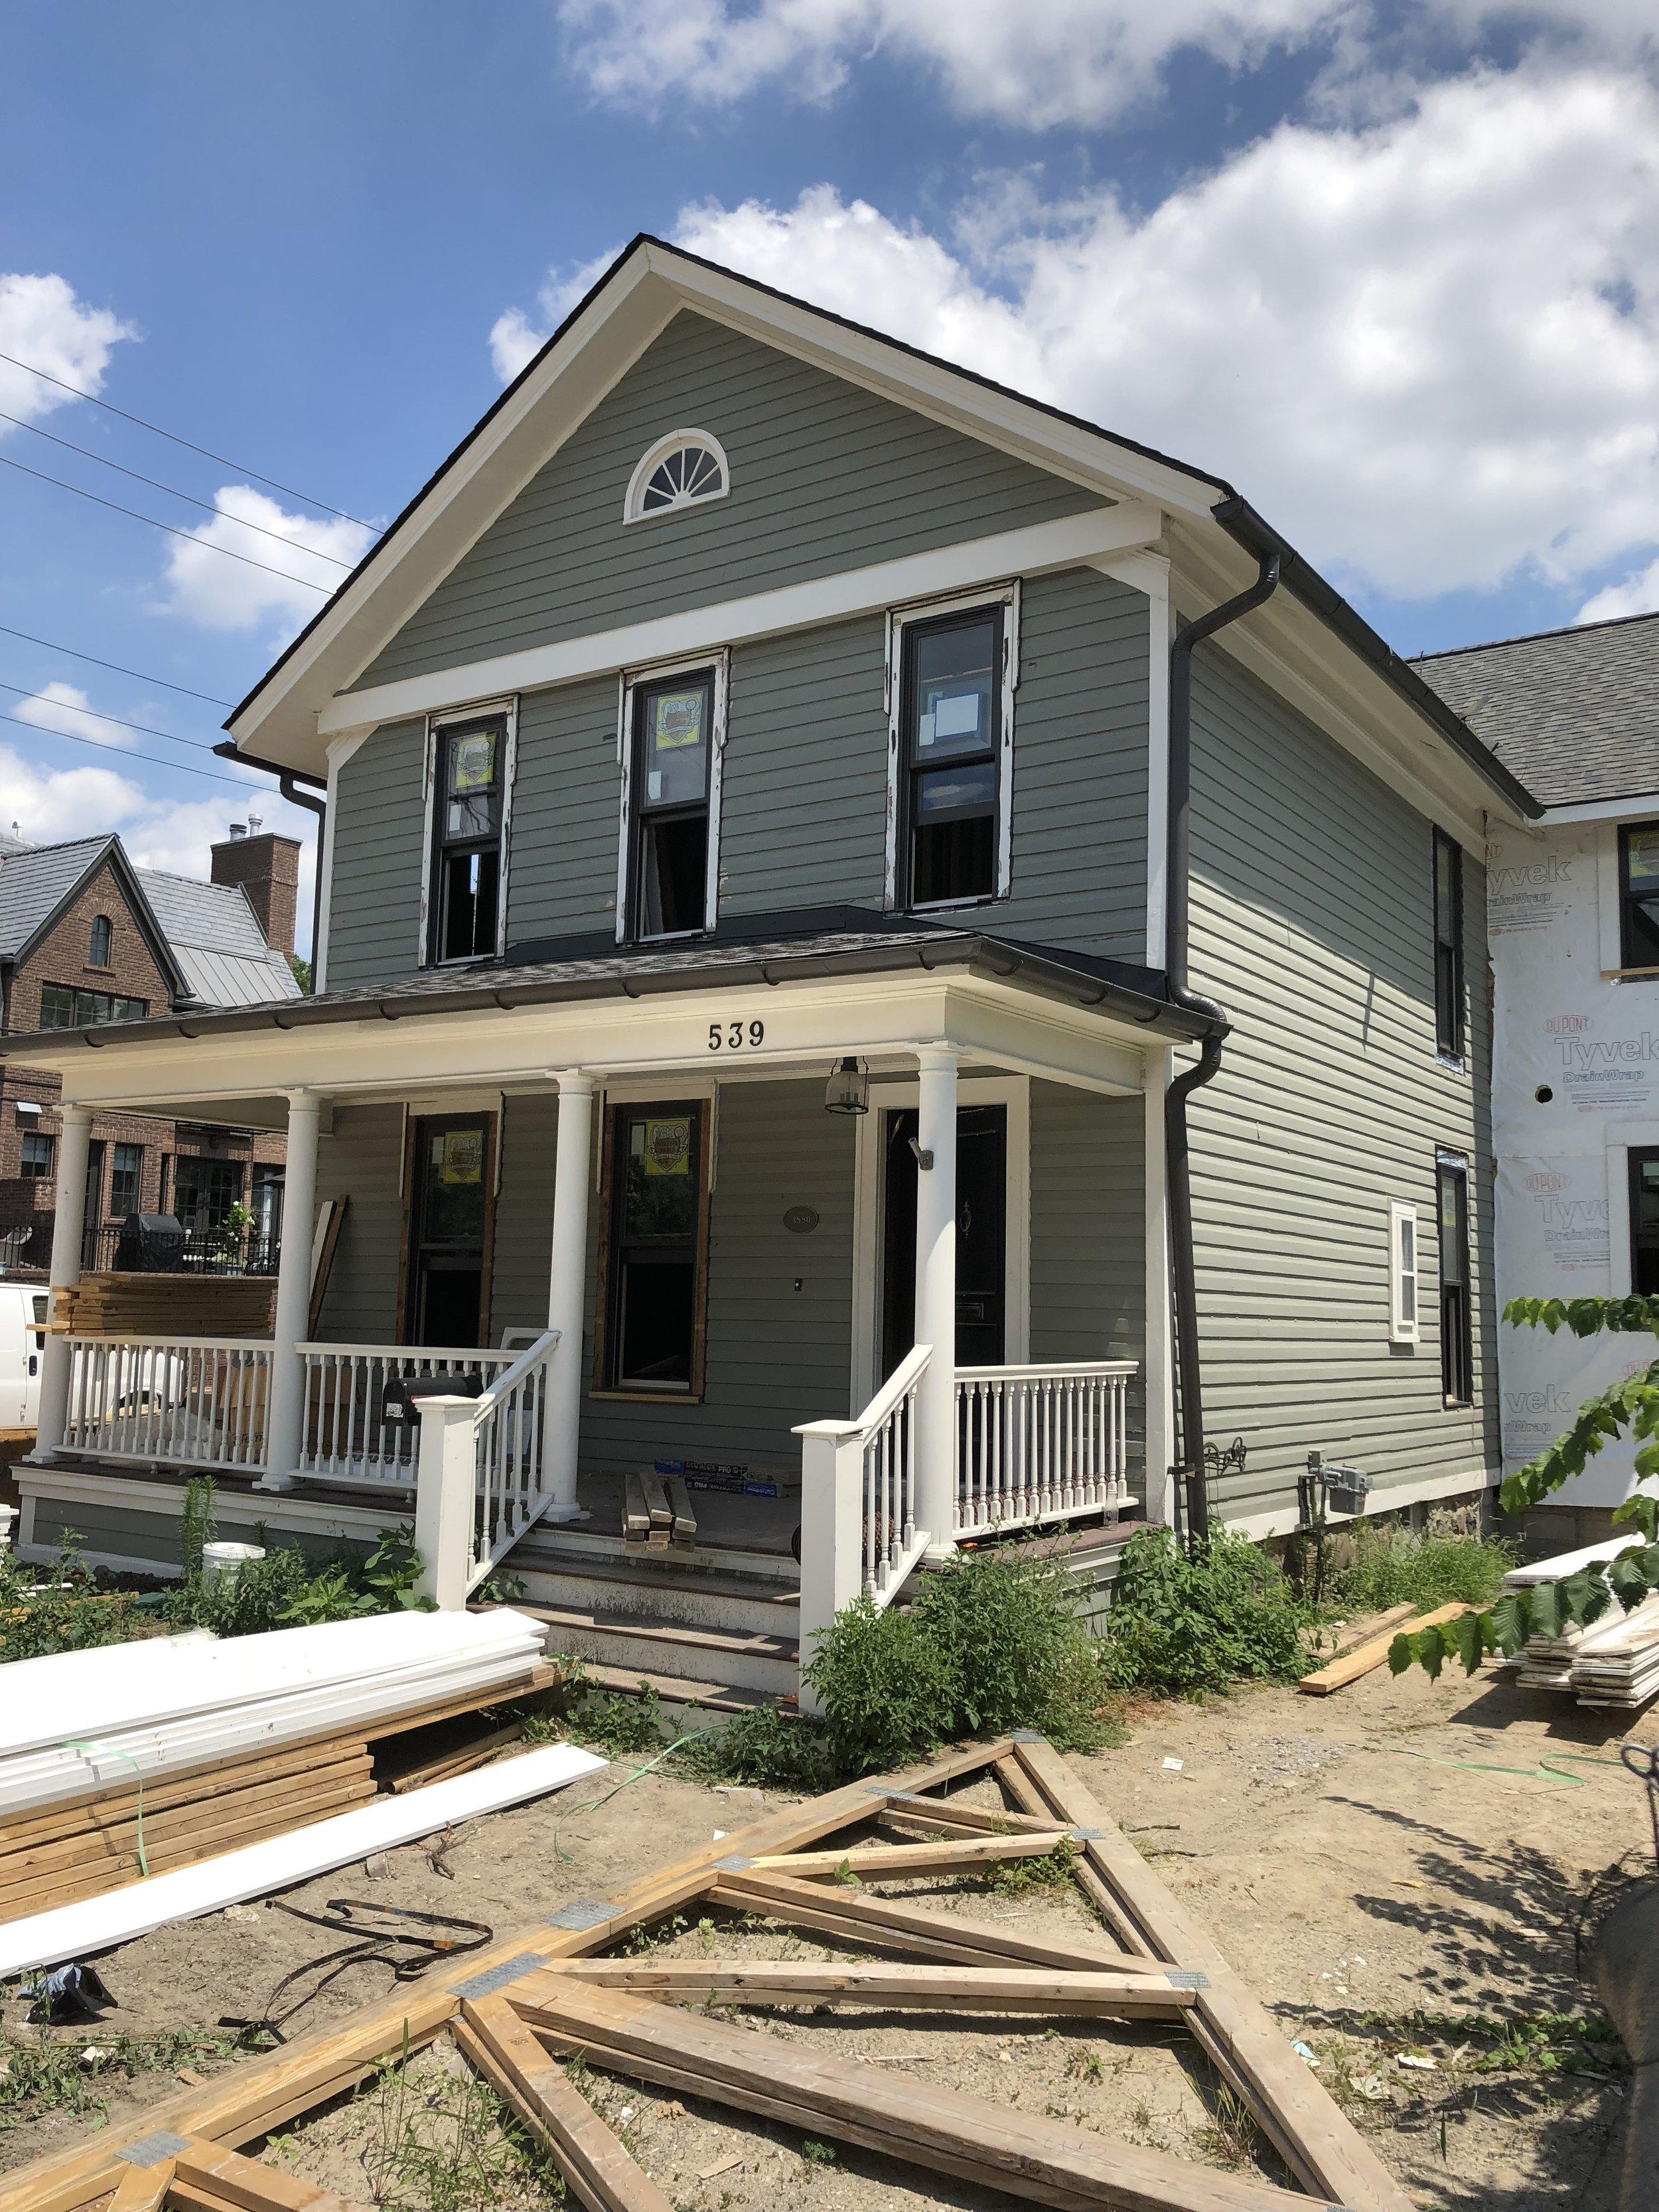 Original 1880s home